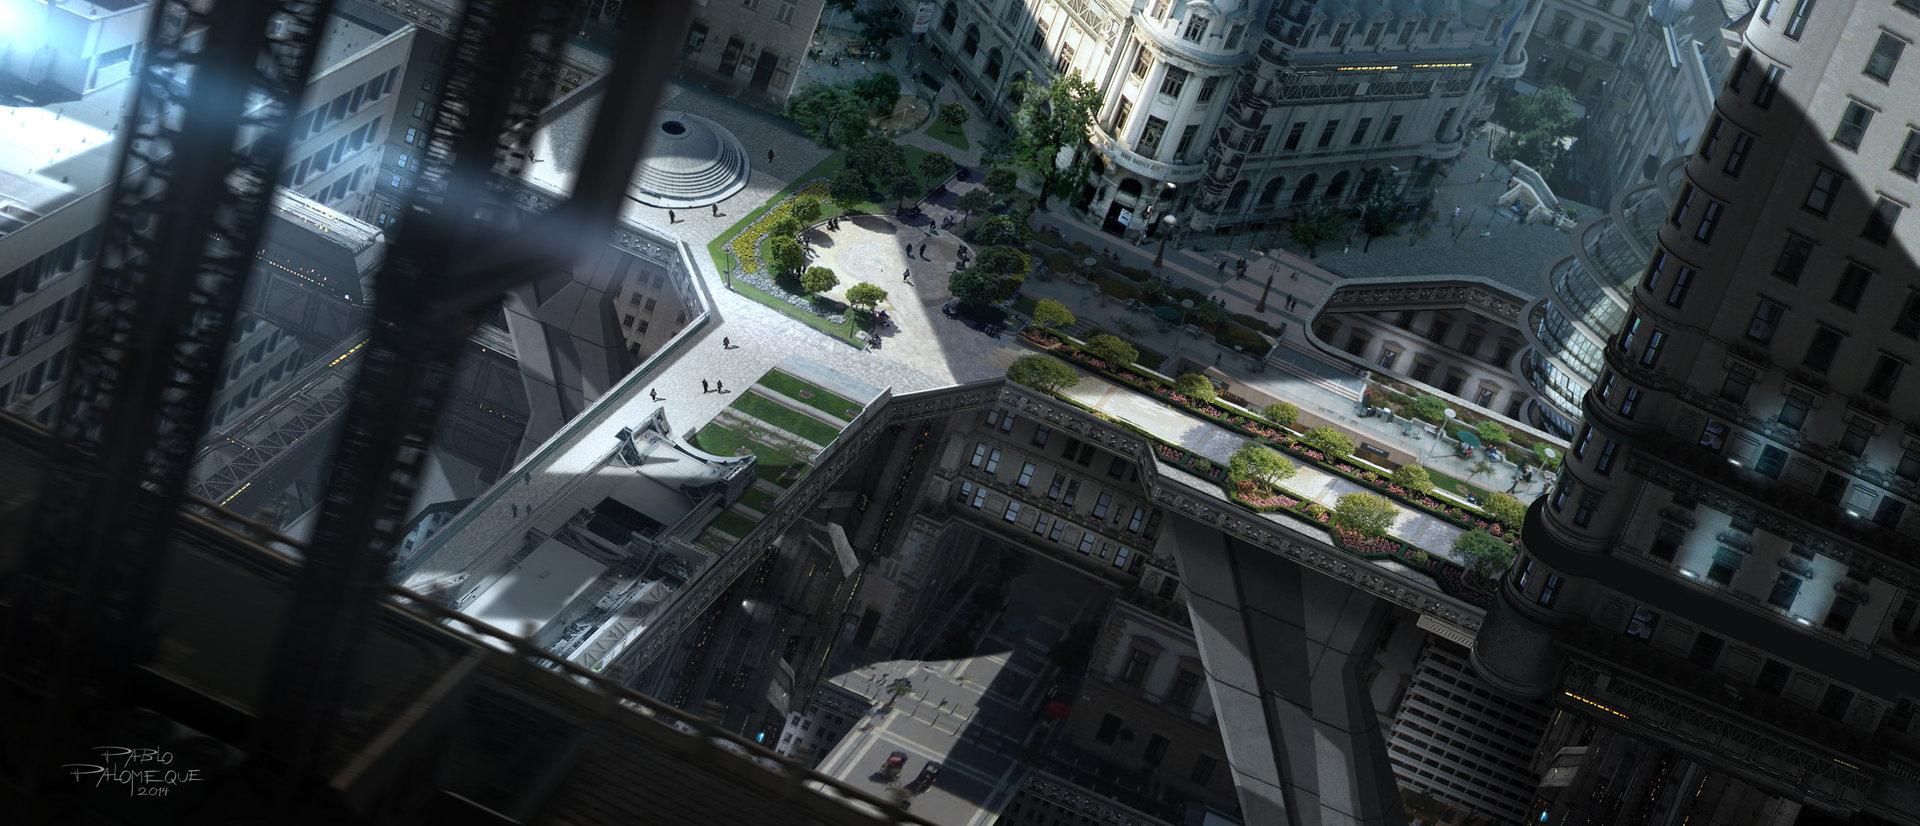 Pablo palomeque terraces city